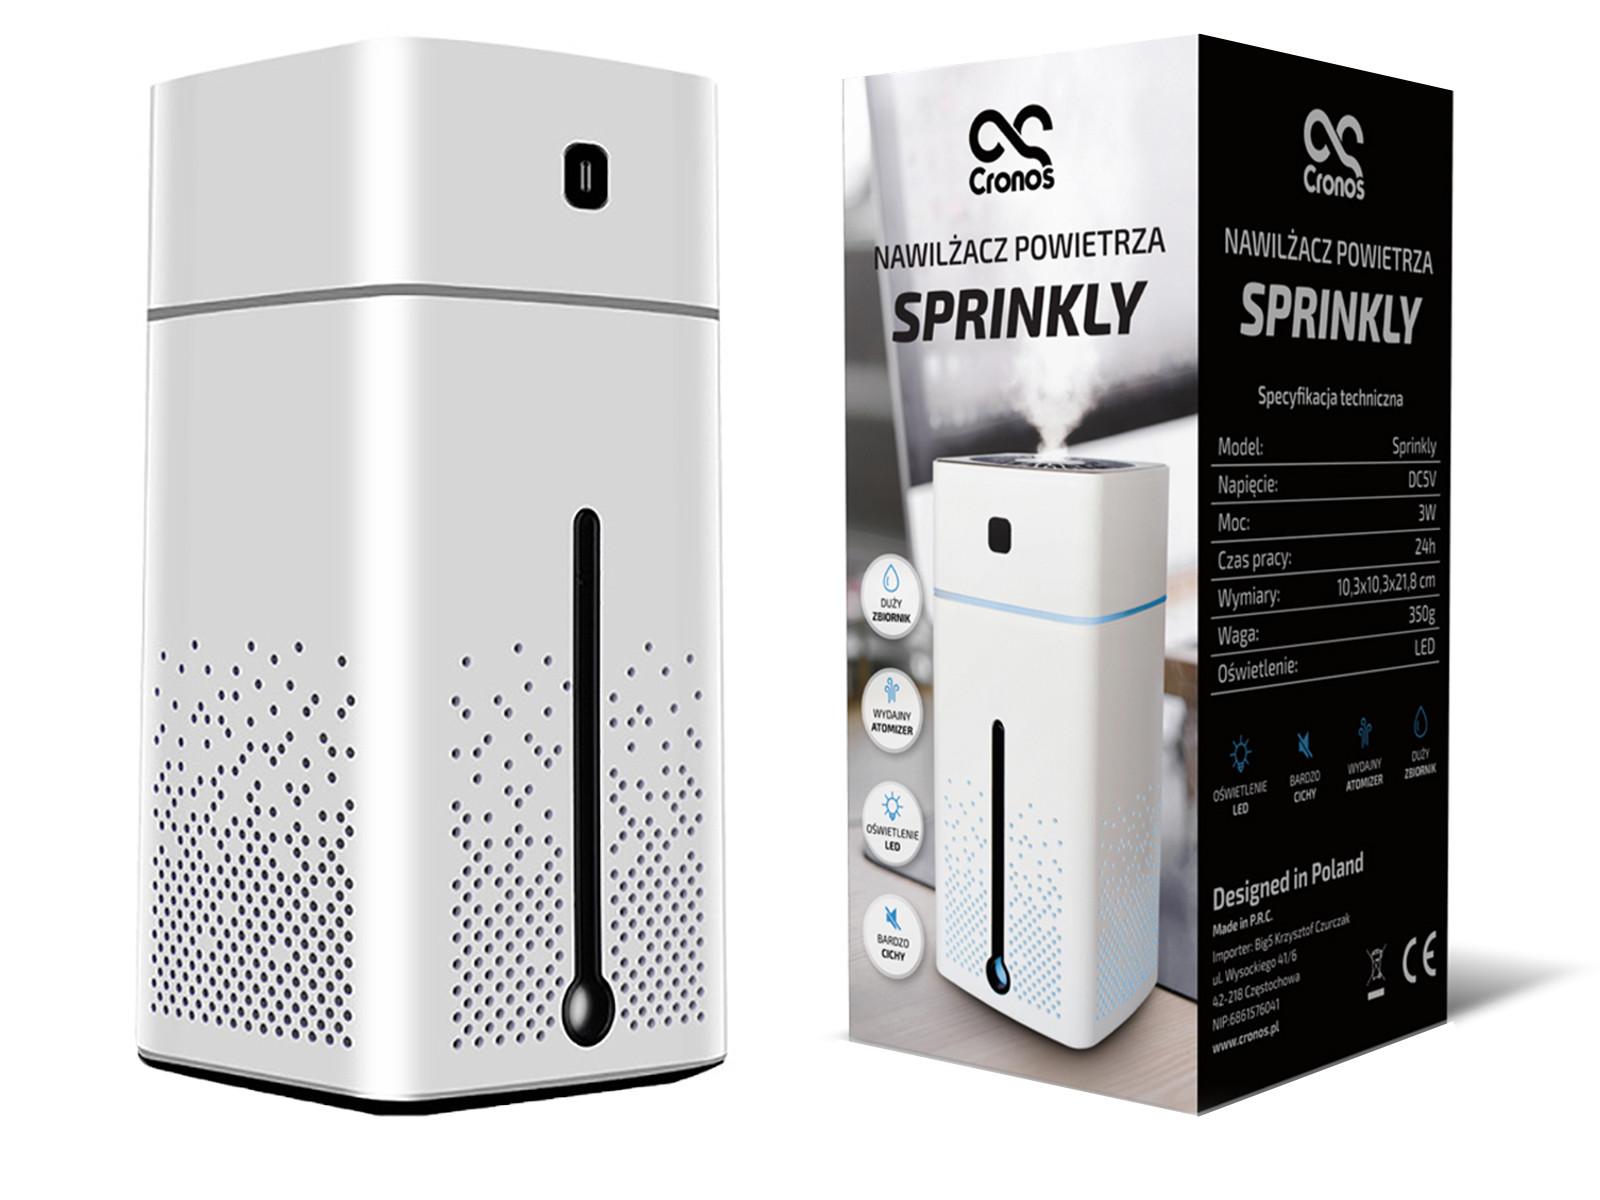 Biały nawilżacz powietrza Sprinkly i oryginalne opakowanie